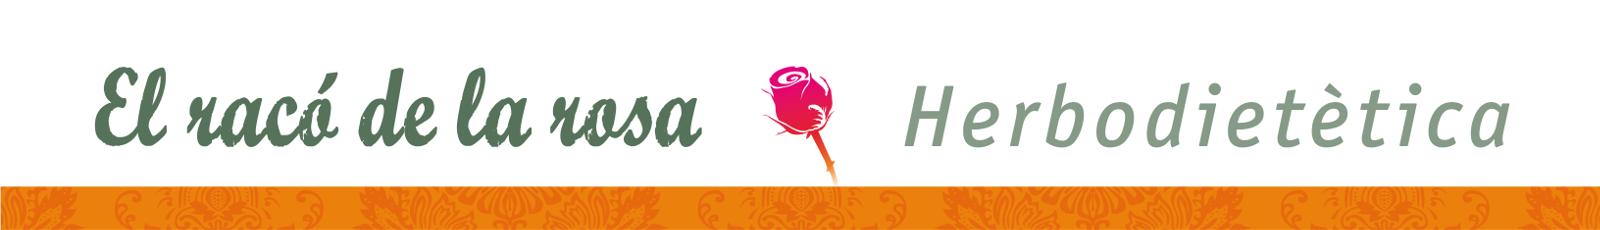 El racó de la rosa.Herbodietètica